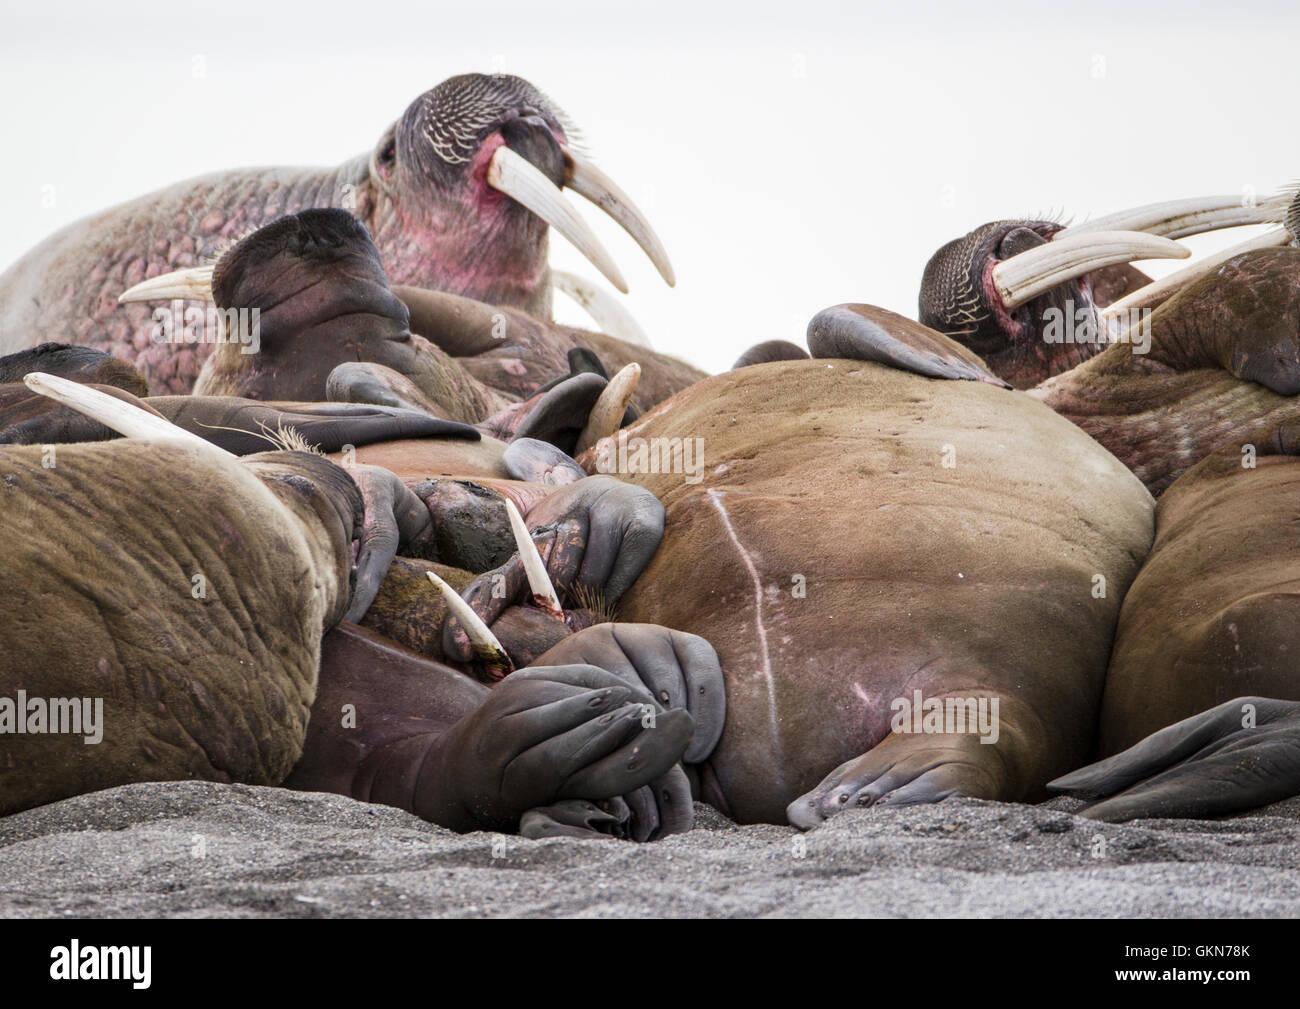 Walrus haulout - Stock Image